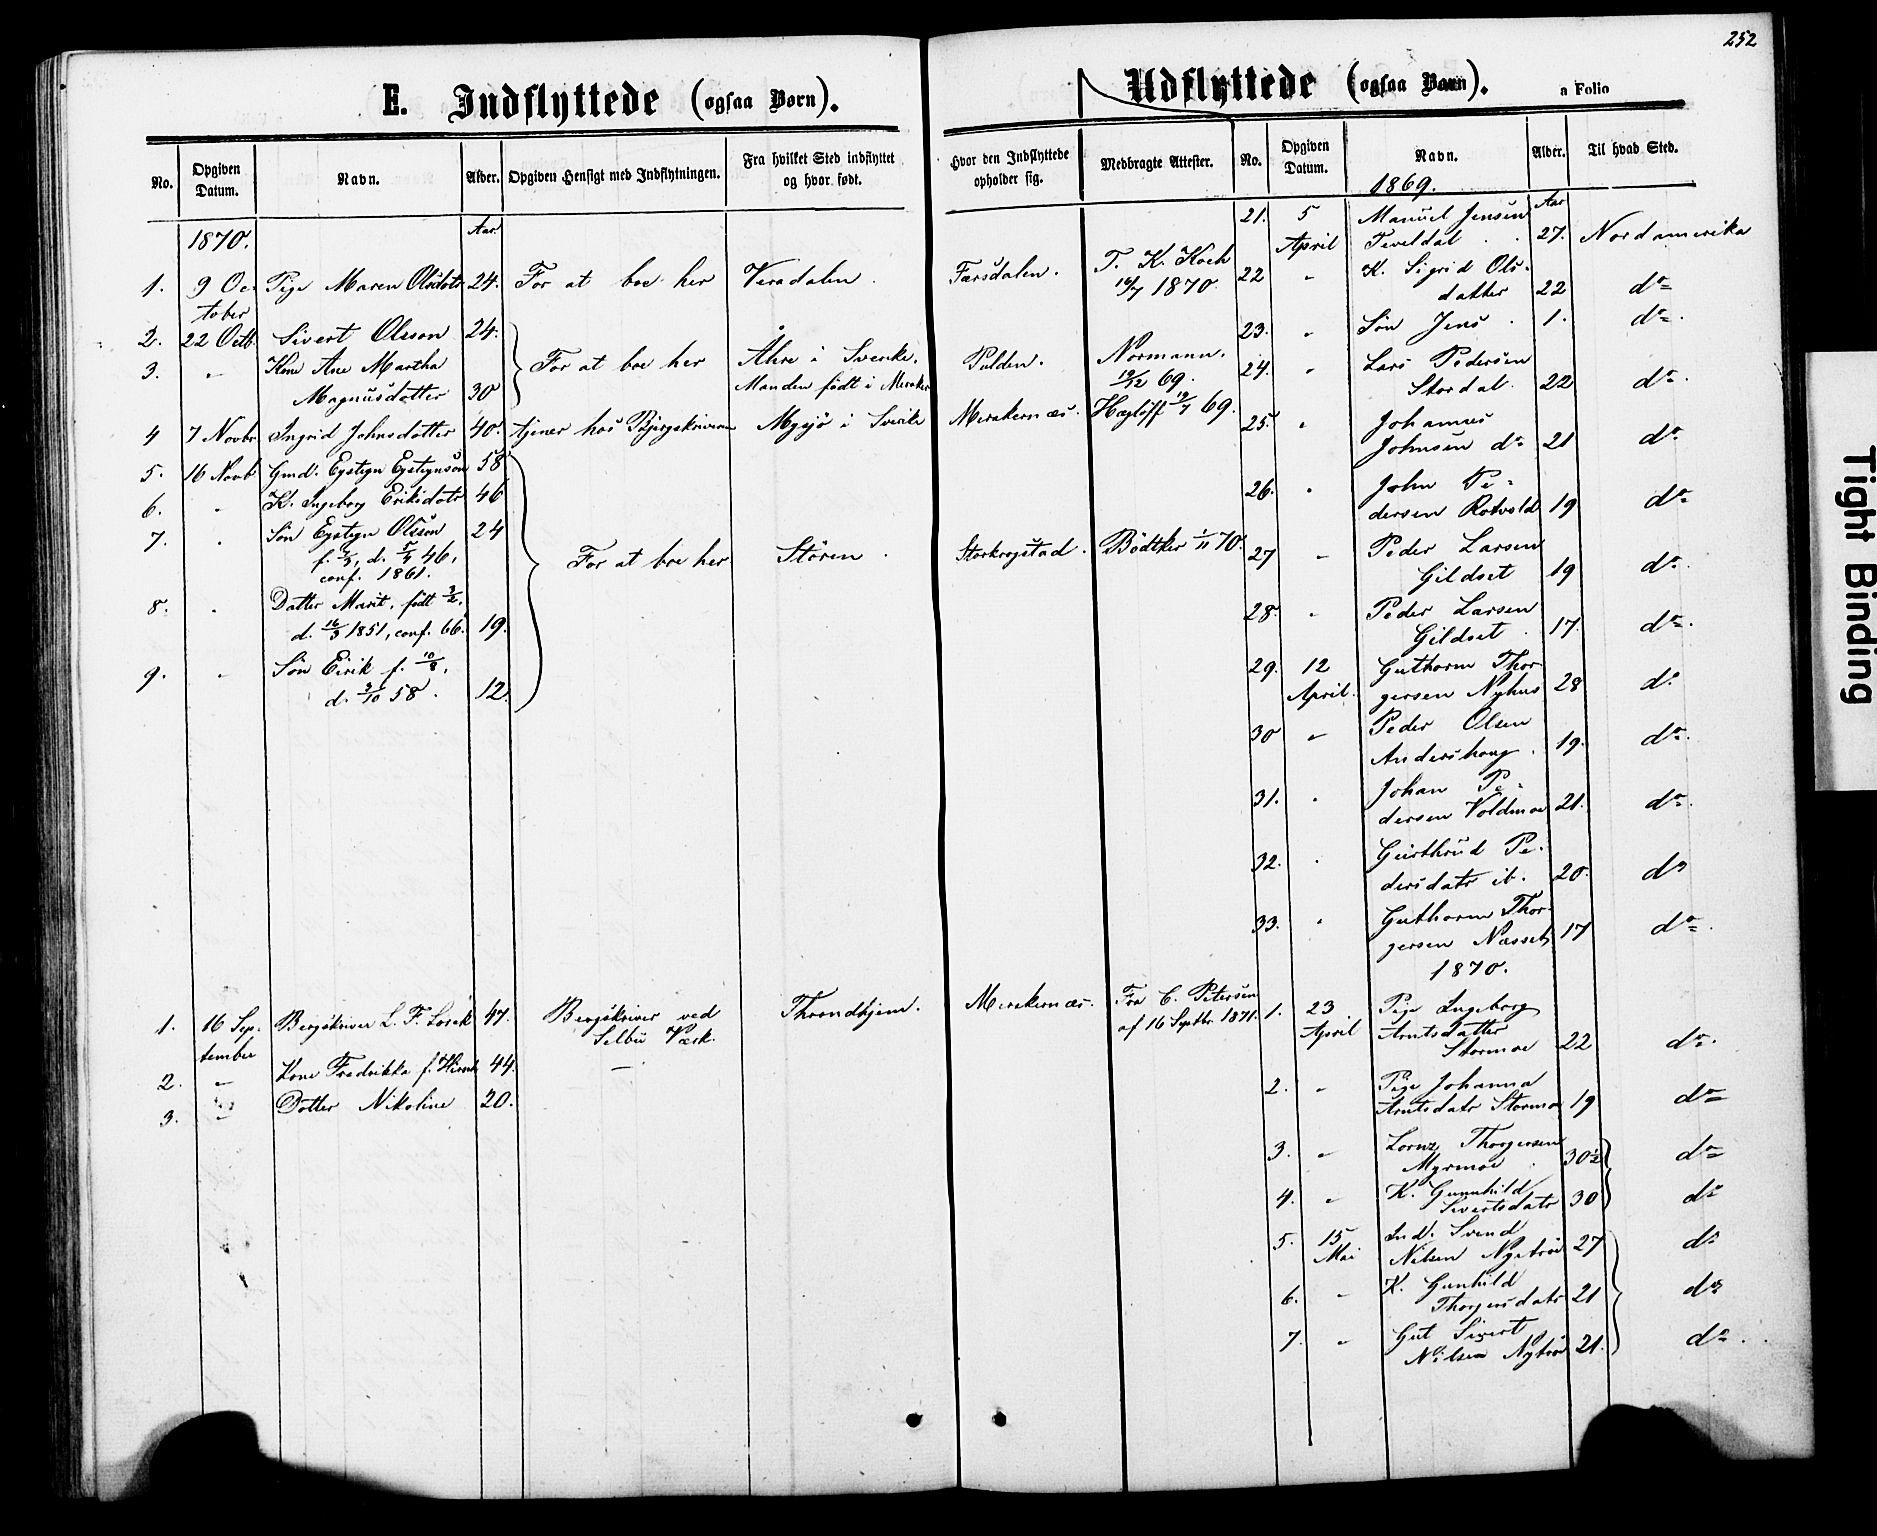 SAT, Ministerialprotokoller, klokkerbøker og fødselsregistre - Nord-Trøndelag, 706/L0049: Parish register (copy) no. 706C01, 1864-1895, p. 252